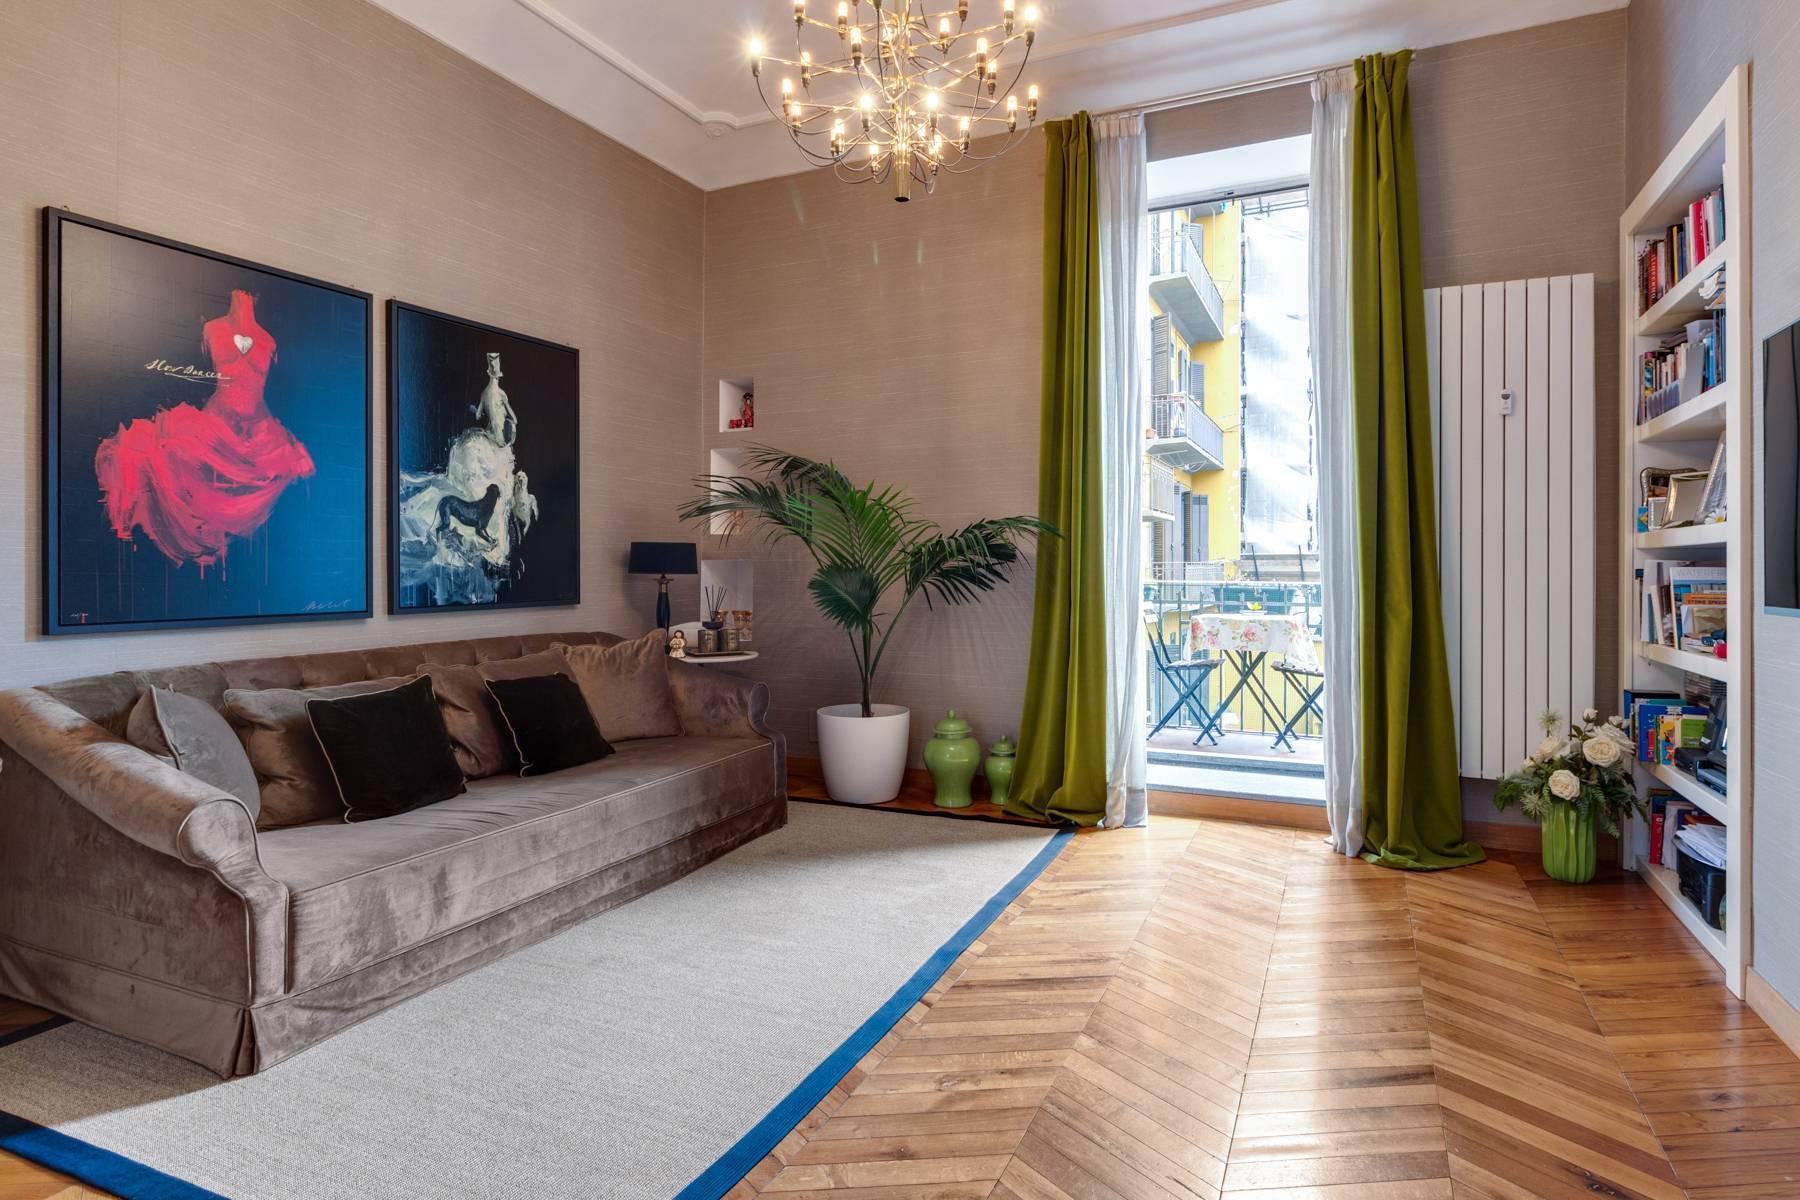 Appartamento in Vendita a Torino: 4 locali, 118 mq - Foto 10